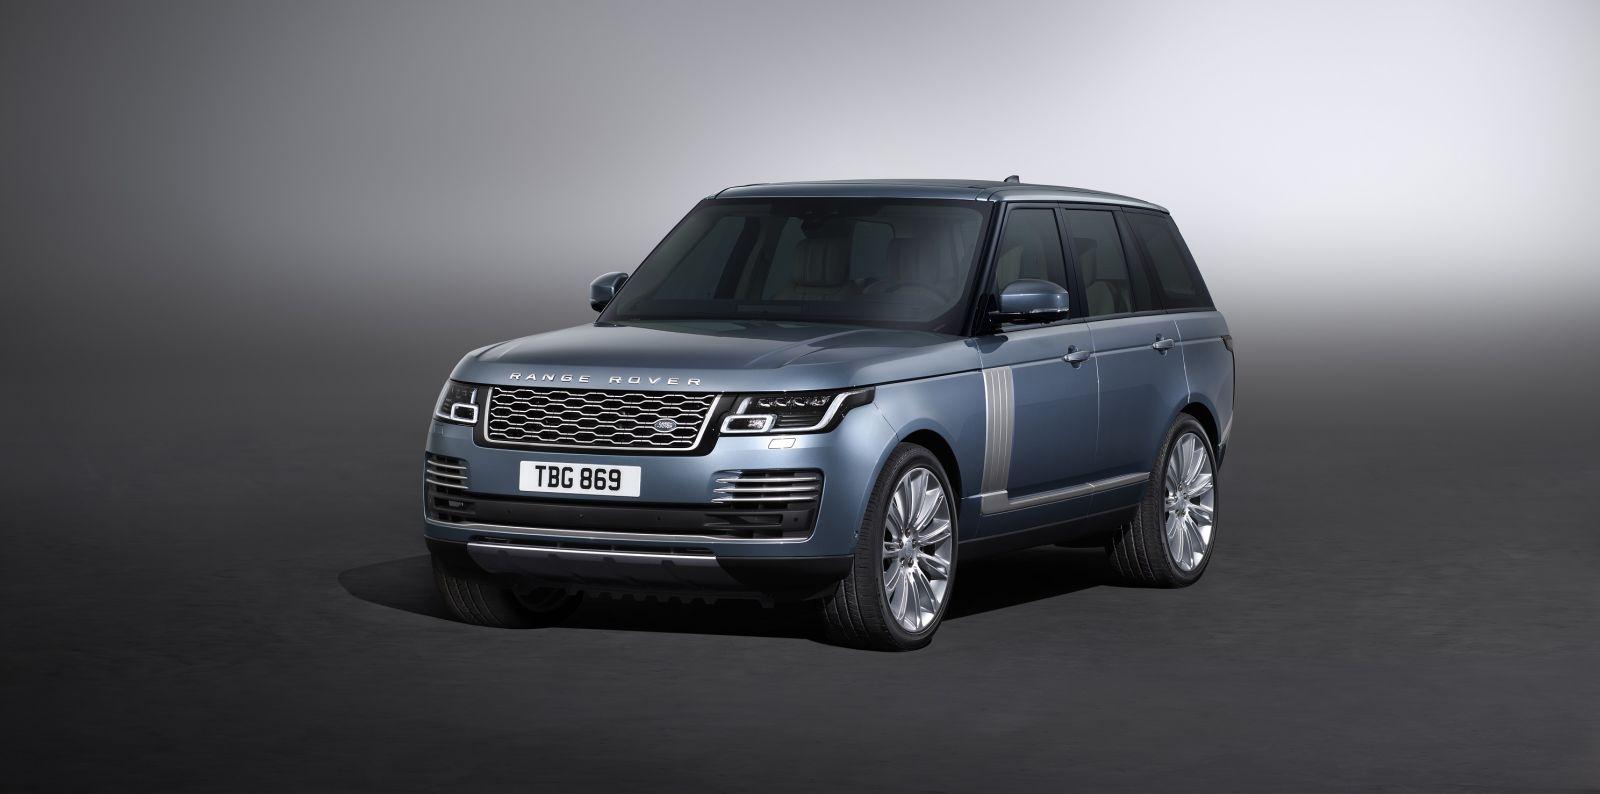 2018-facelift-Range-Rover- (10)